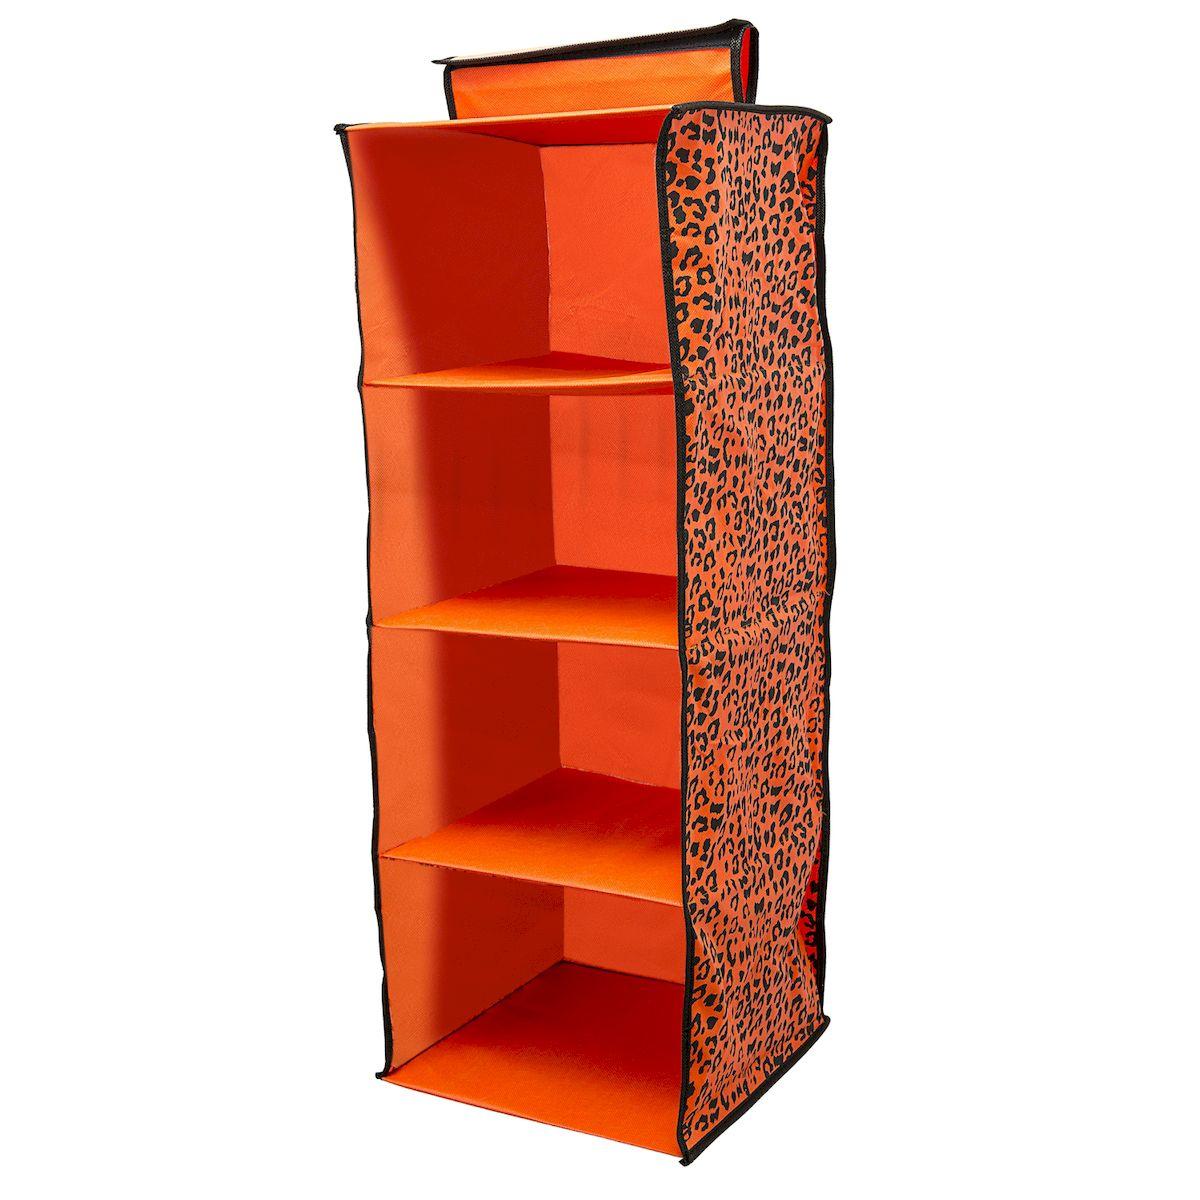 Органайзер подвесной в шкаф Homsu Leopard, на 4 полки, 32x32x85 смHOM-424Удобный подвесной органайзер для дома на 4 ячейки. Отлично подходит для хранения вещей.Фактический цвет может отличаться о заявленного. Размер изделия: 32x32x85см